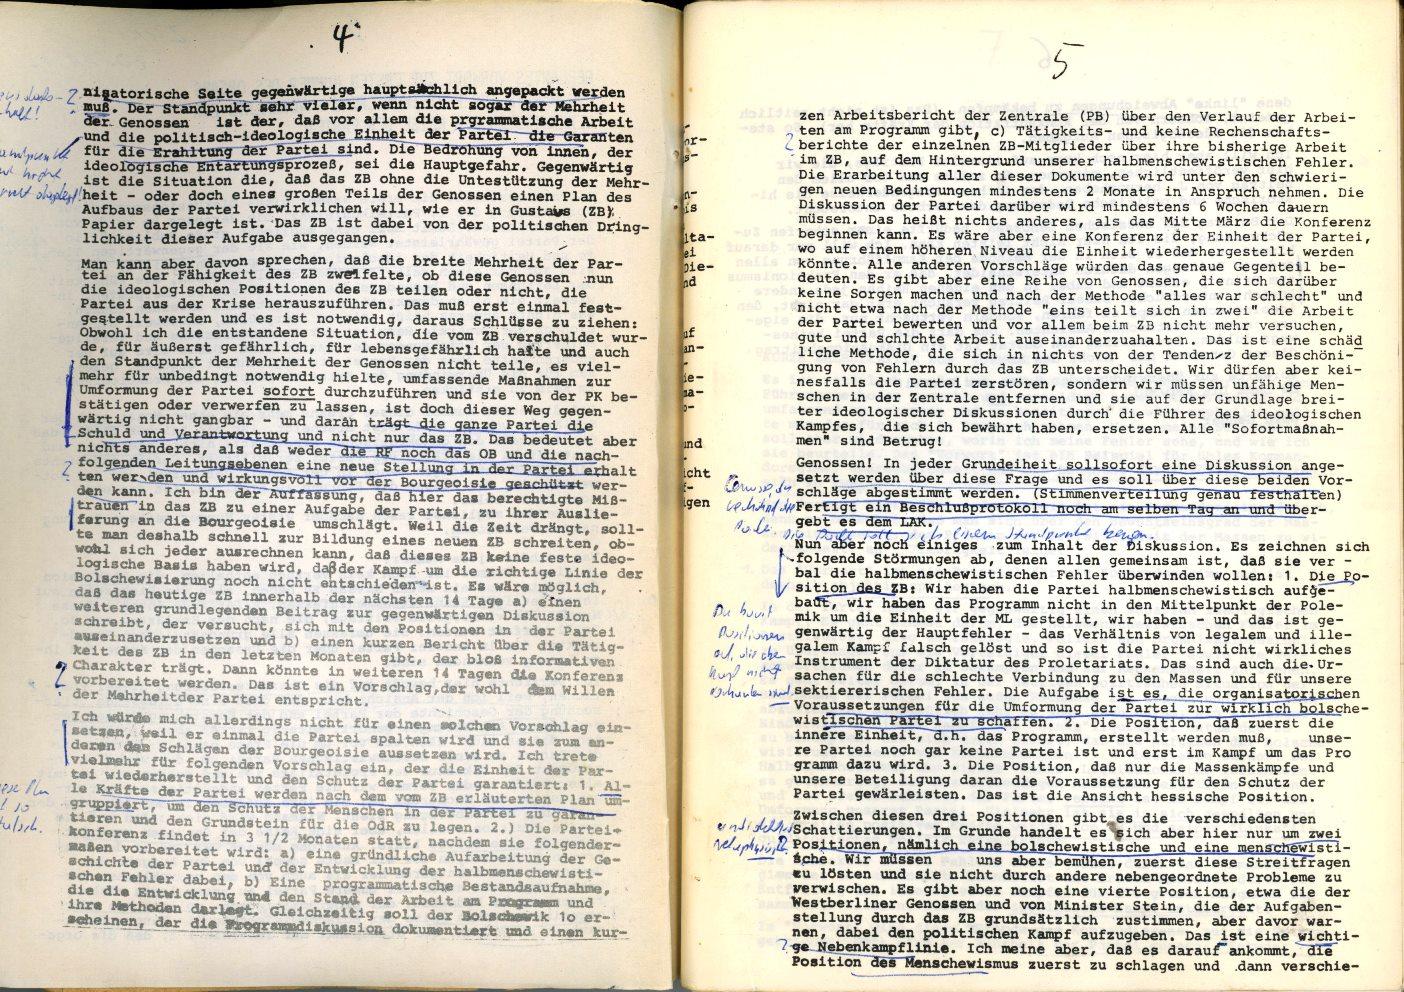 ZB_1972_Diskussionsorgan_zur_ersten_Parteikonferenz_04